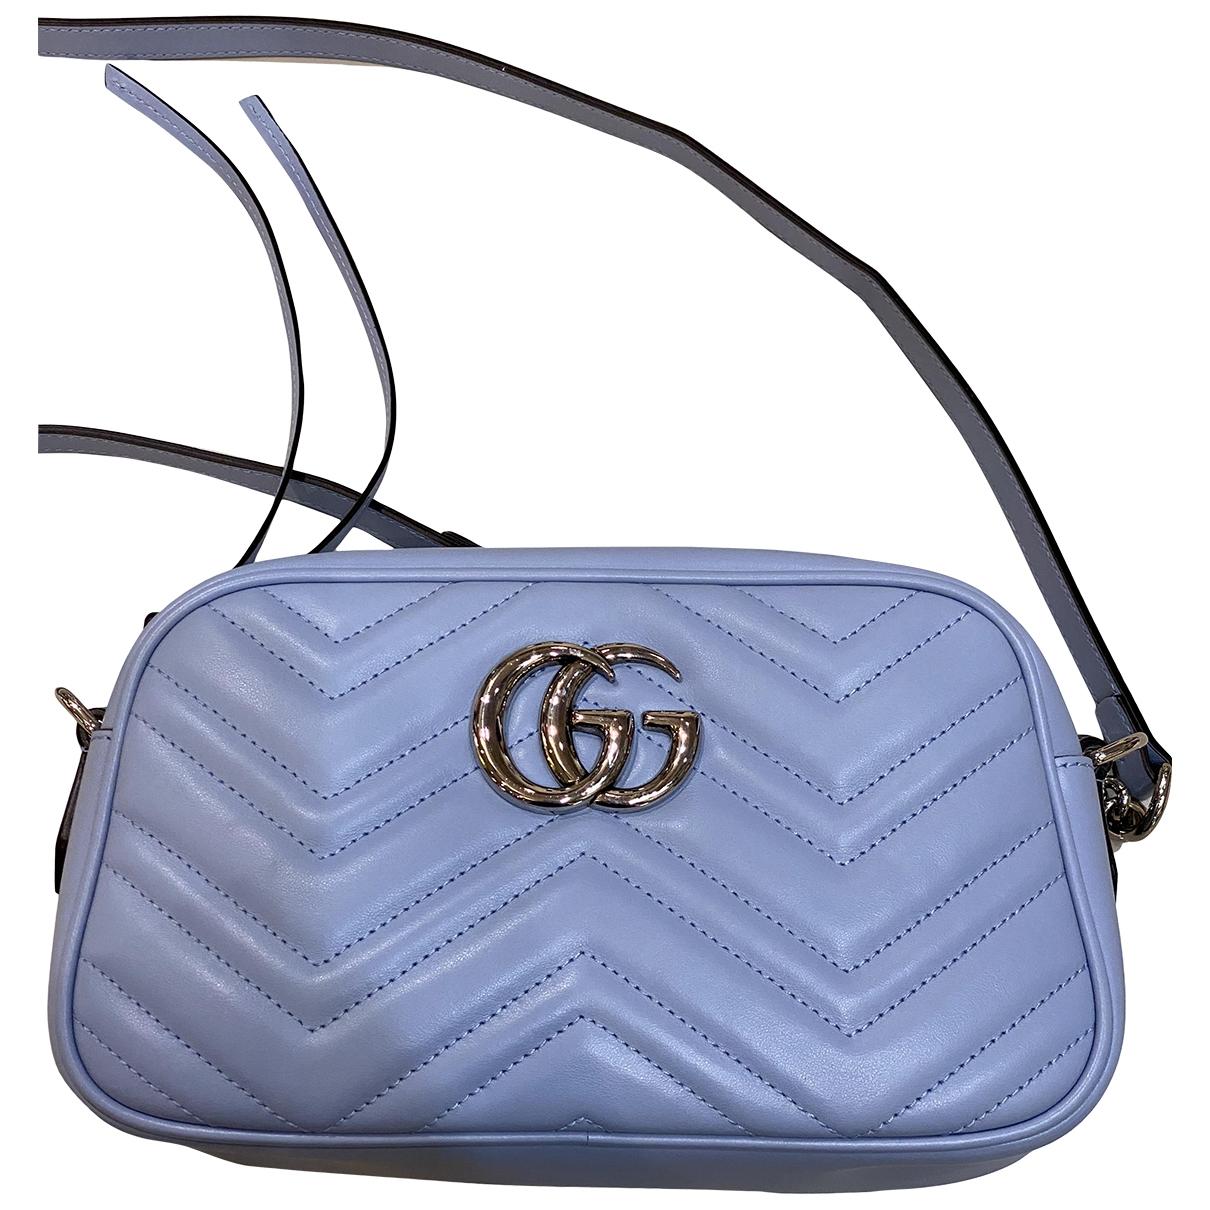 Gucci Marmont Handtasche in  Blau Leder